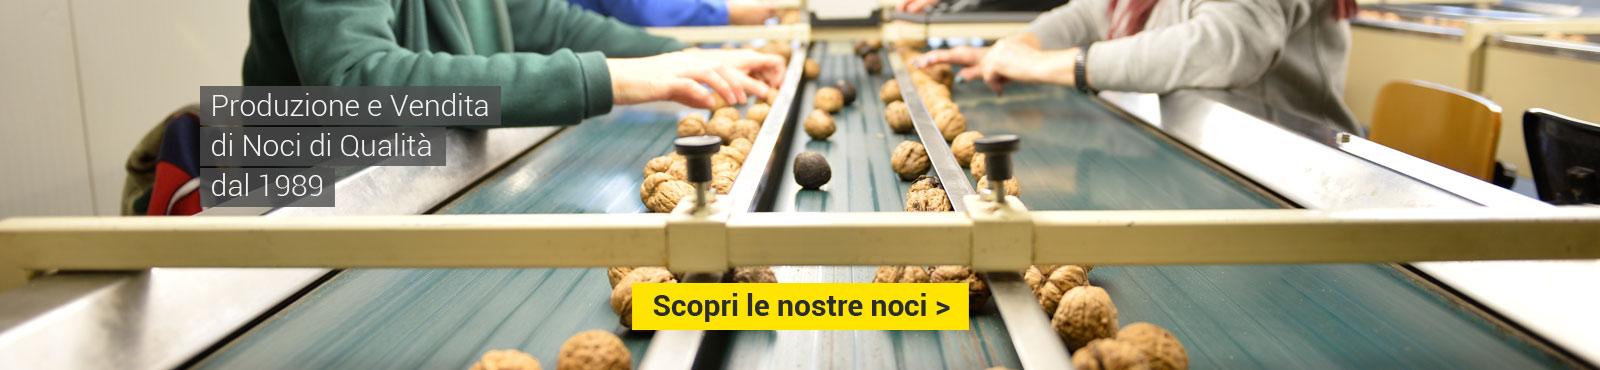 Produzione e vendita di noci di qualità